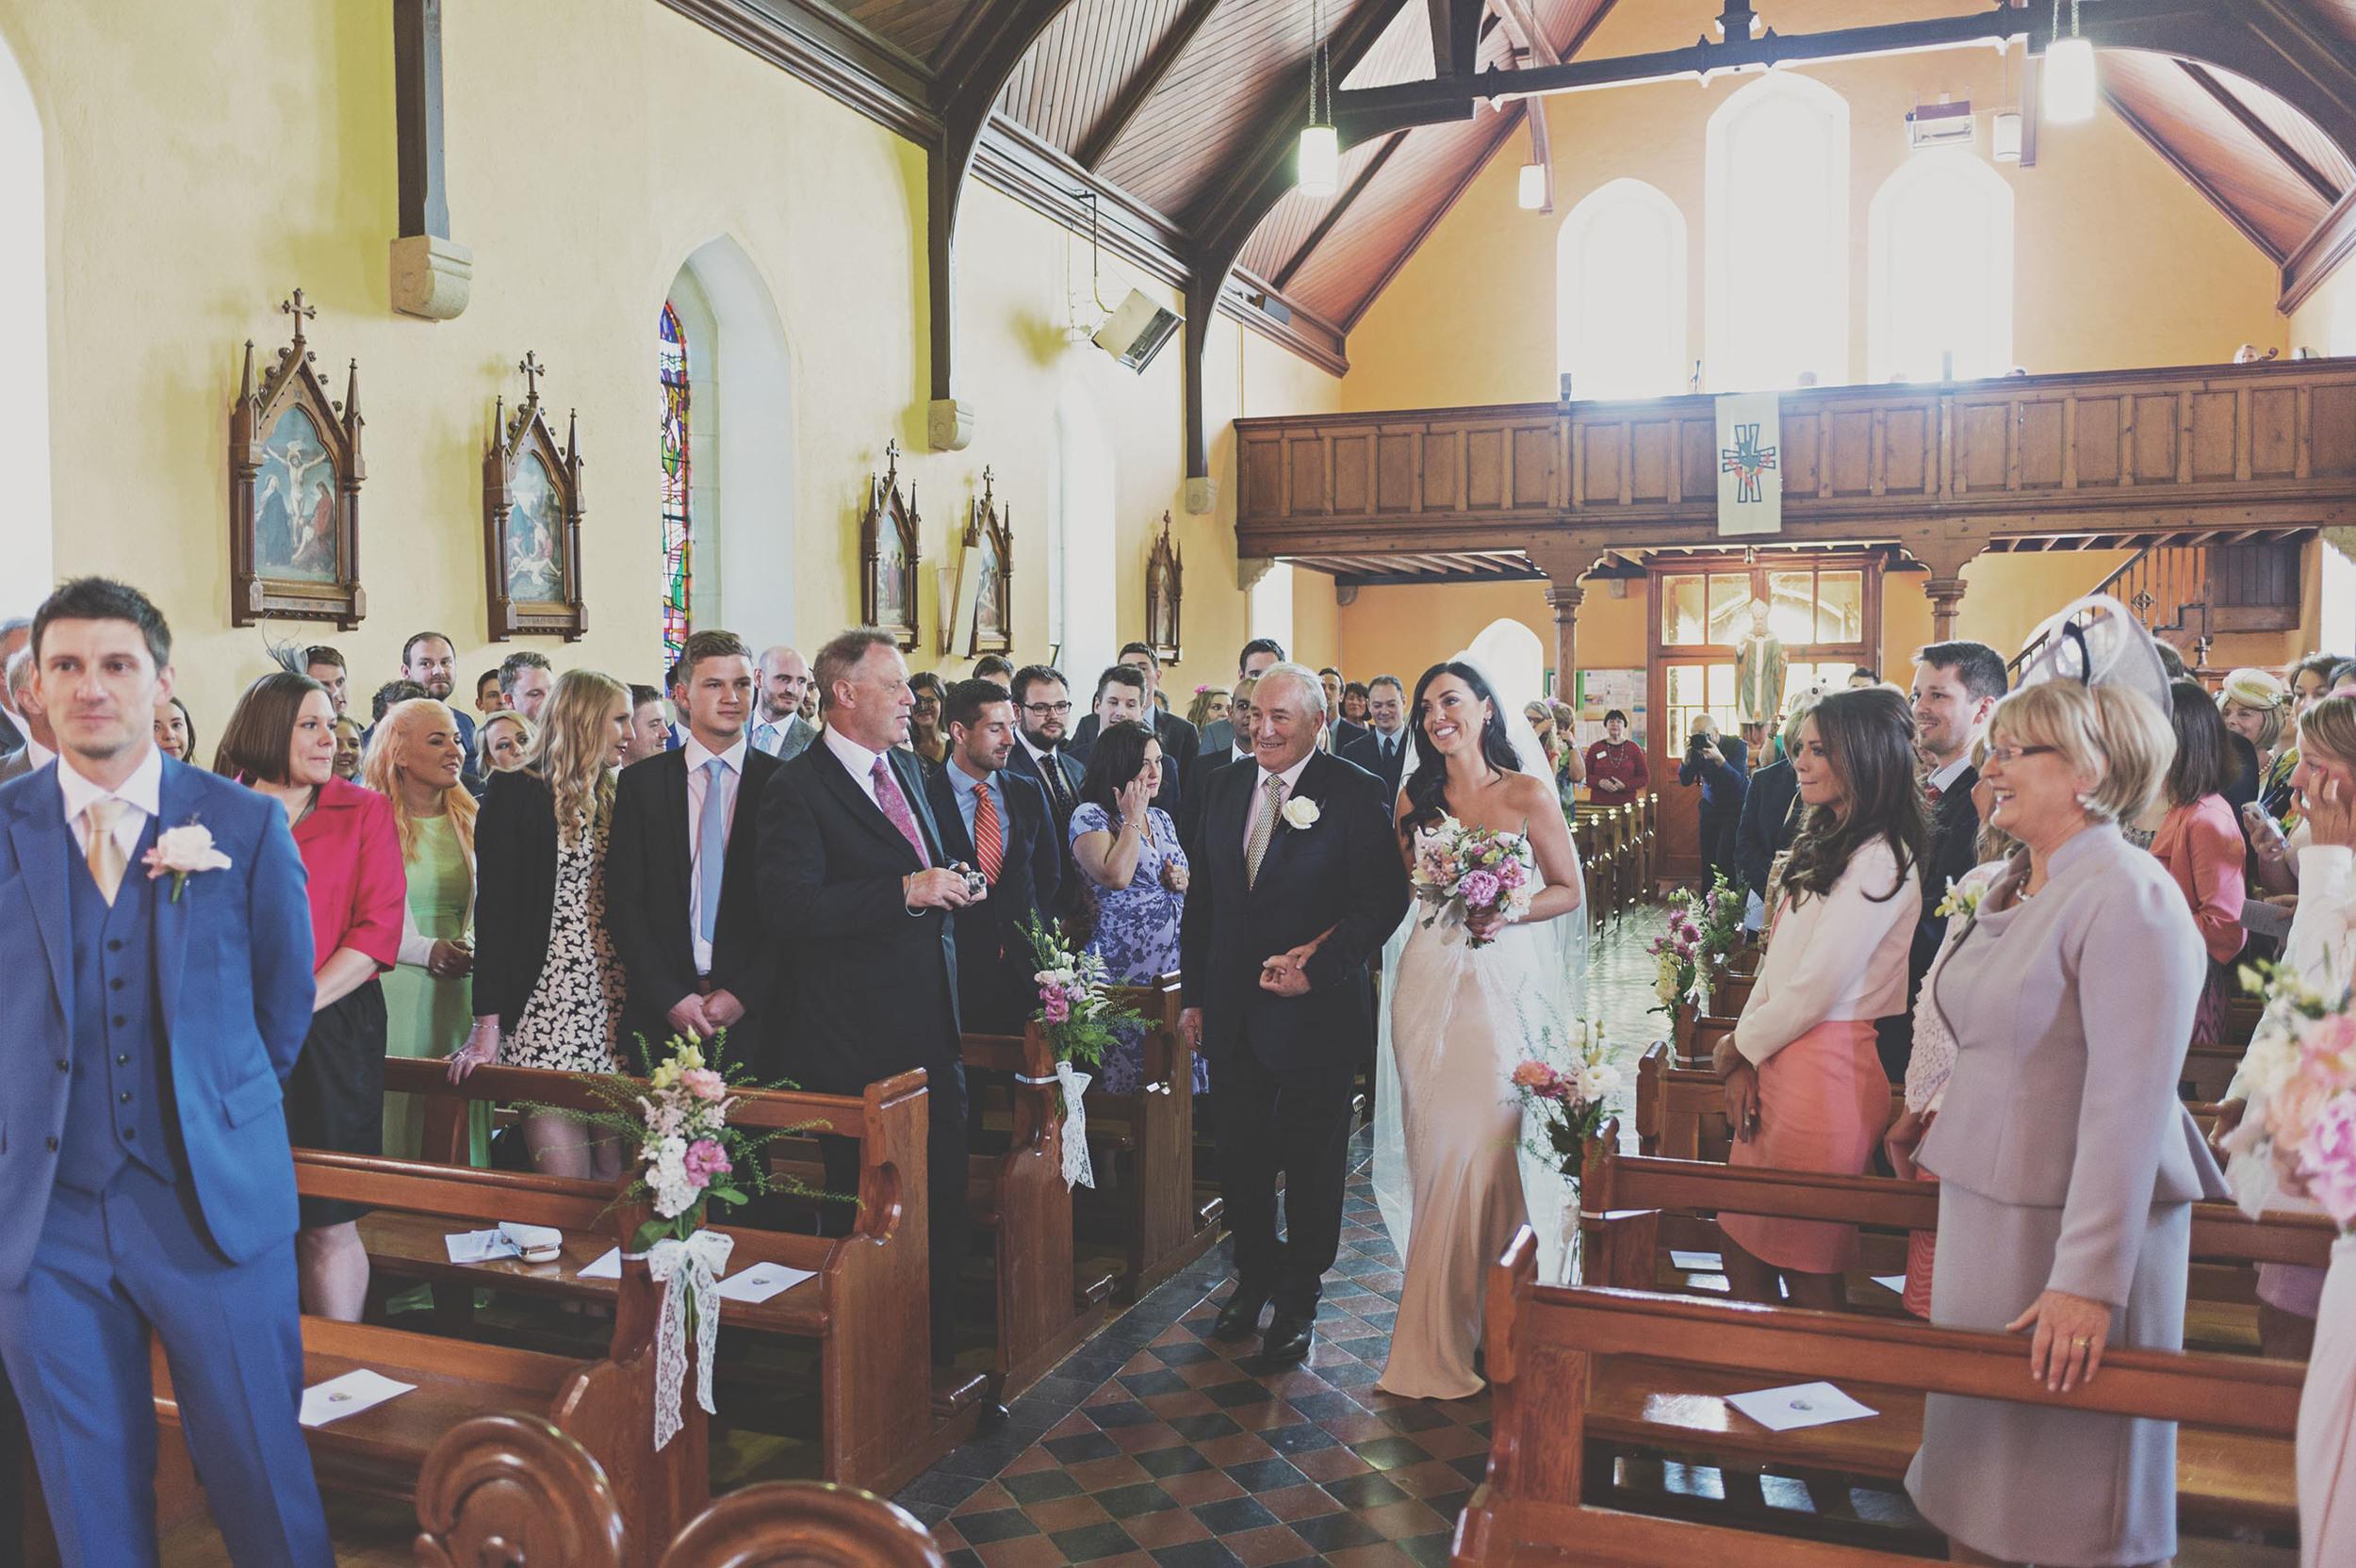 Julie & Matt's Seafield Wedding by Studio33weddings 035.jpg